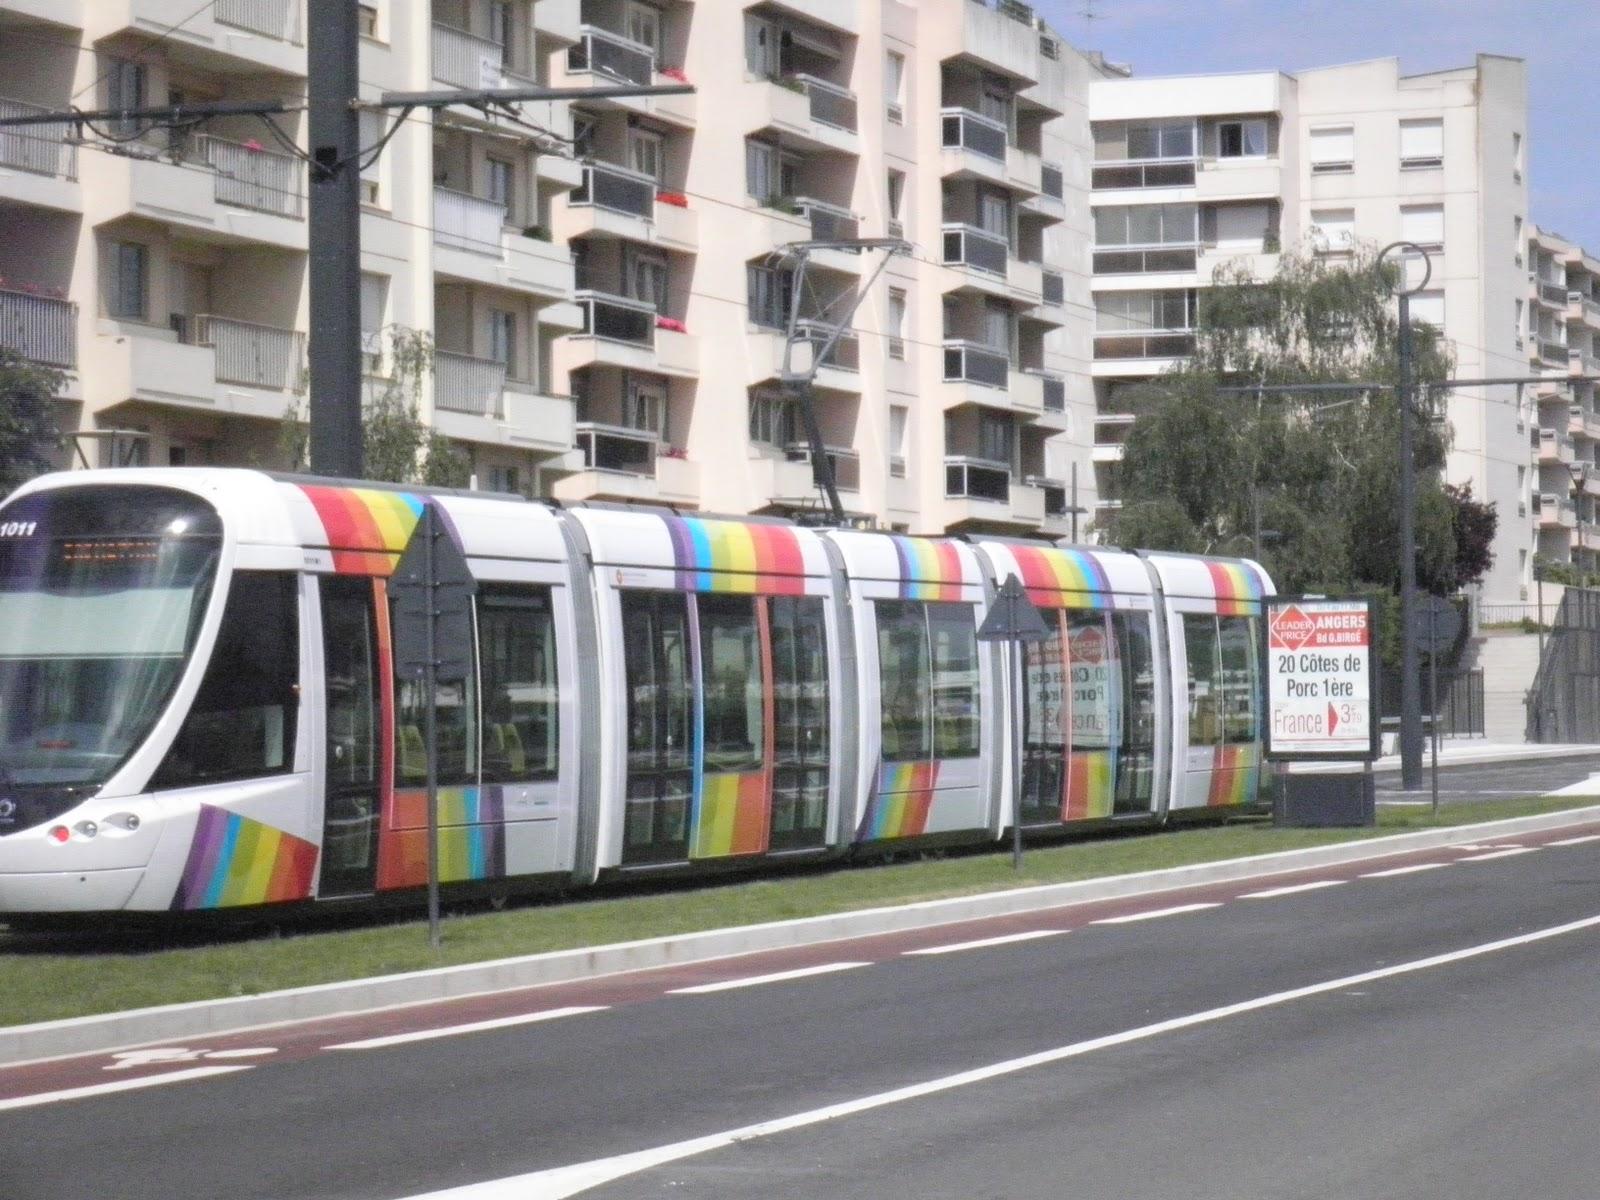 zen progr s tram et r gression bus de la qualit du service public dans les transports urbains. Black Bedroom Furniture Sets. Home Design Ideas